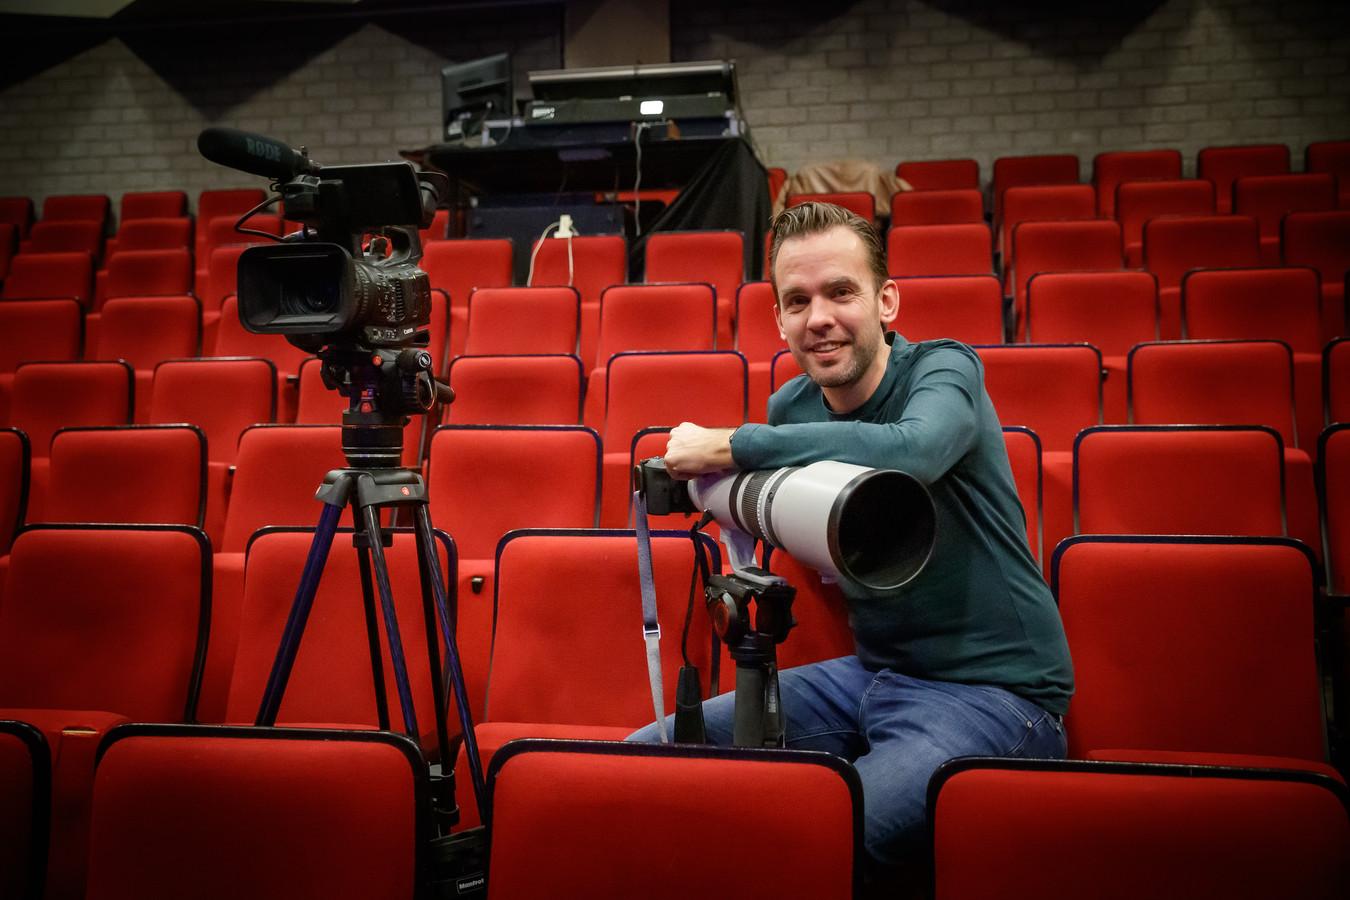 Fotograaf Marcel Otterspeer aan het werk voor fotografie en video-opnamen voor de nieuwe solovoorstelling van choreograaf Barry Stevens.